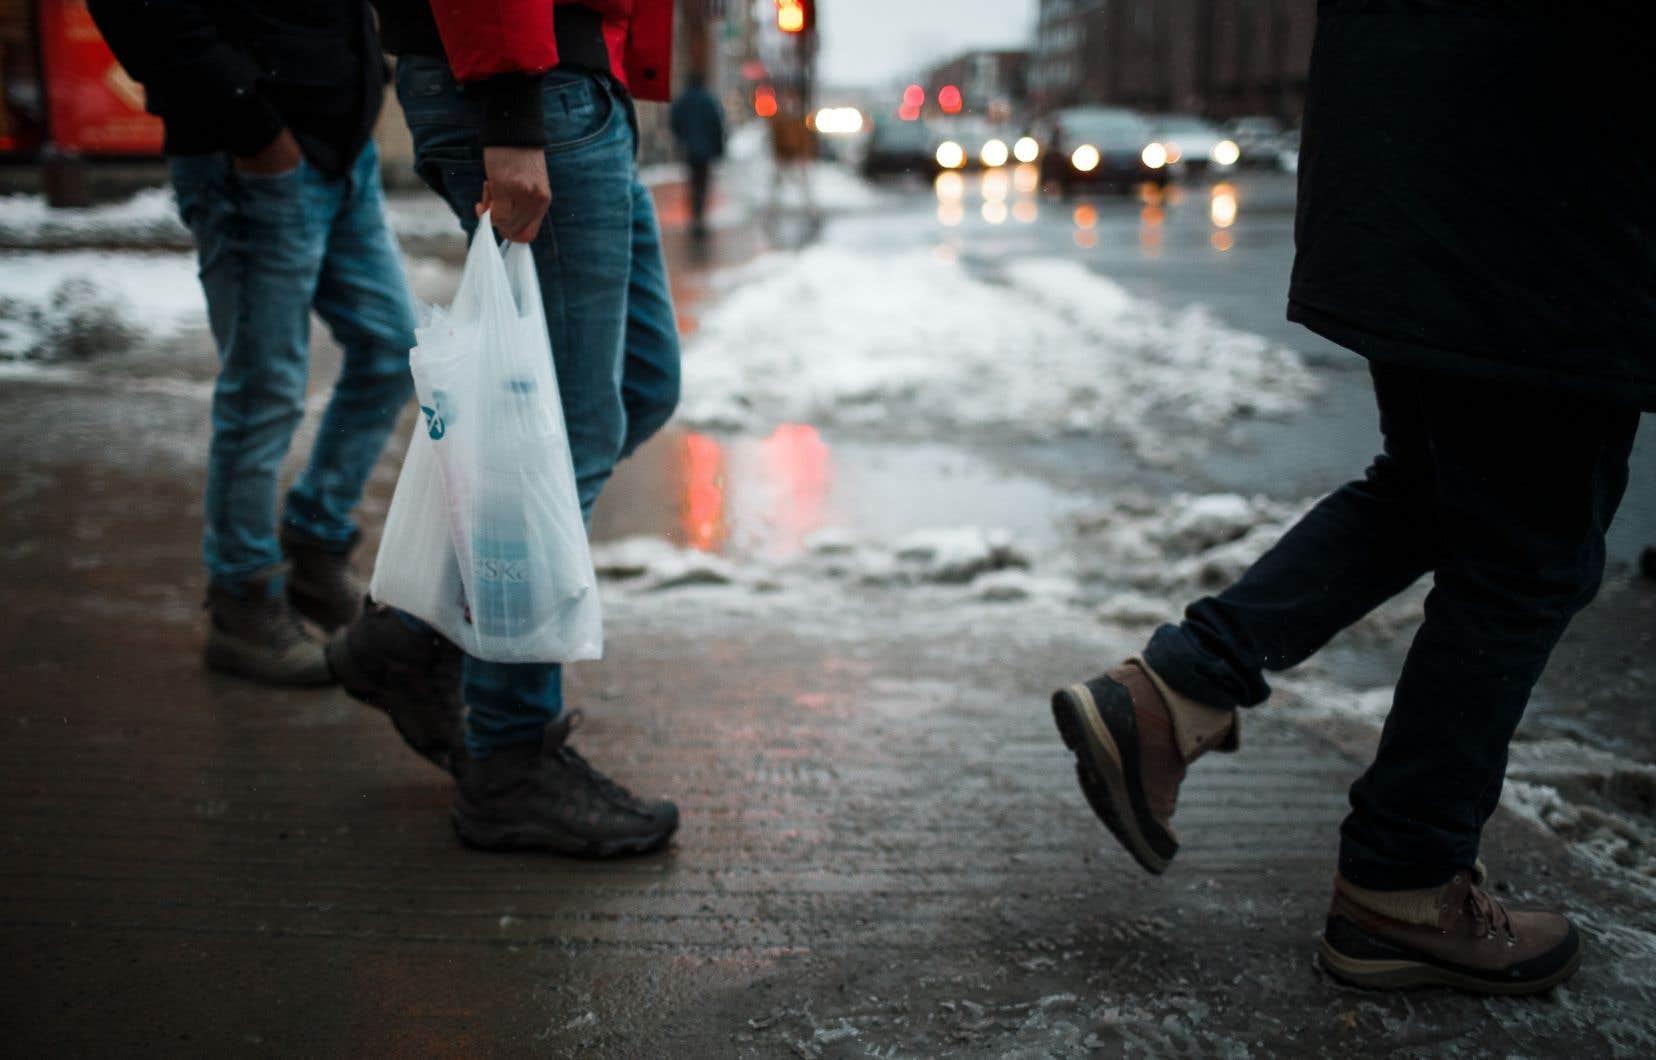 Depuis janvier 2018, les sacs de plastique d'une épaisseur inférieure à 50 microns ainsi que les sacs oxodégradables sont interdits à Montréal.